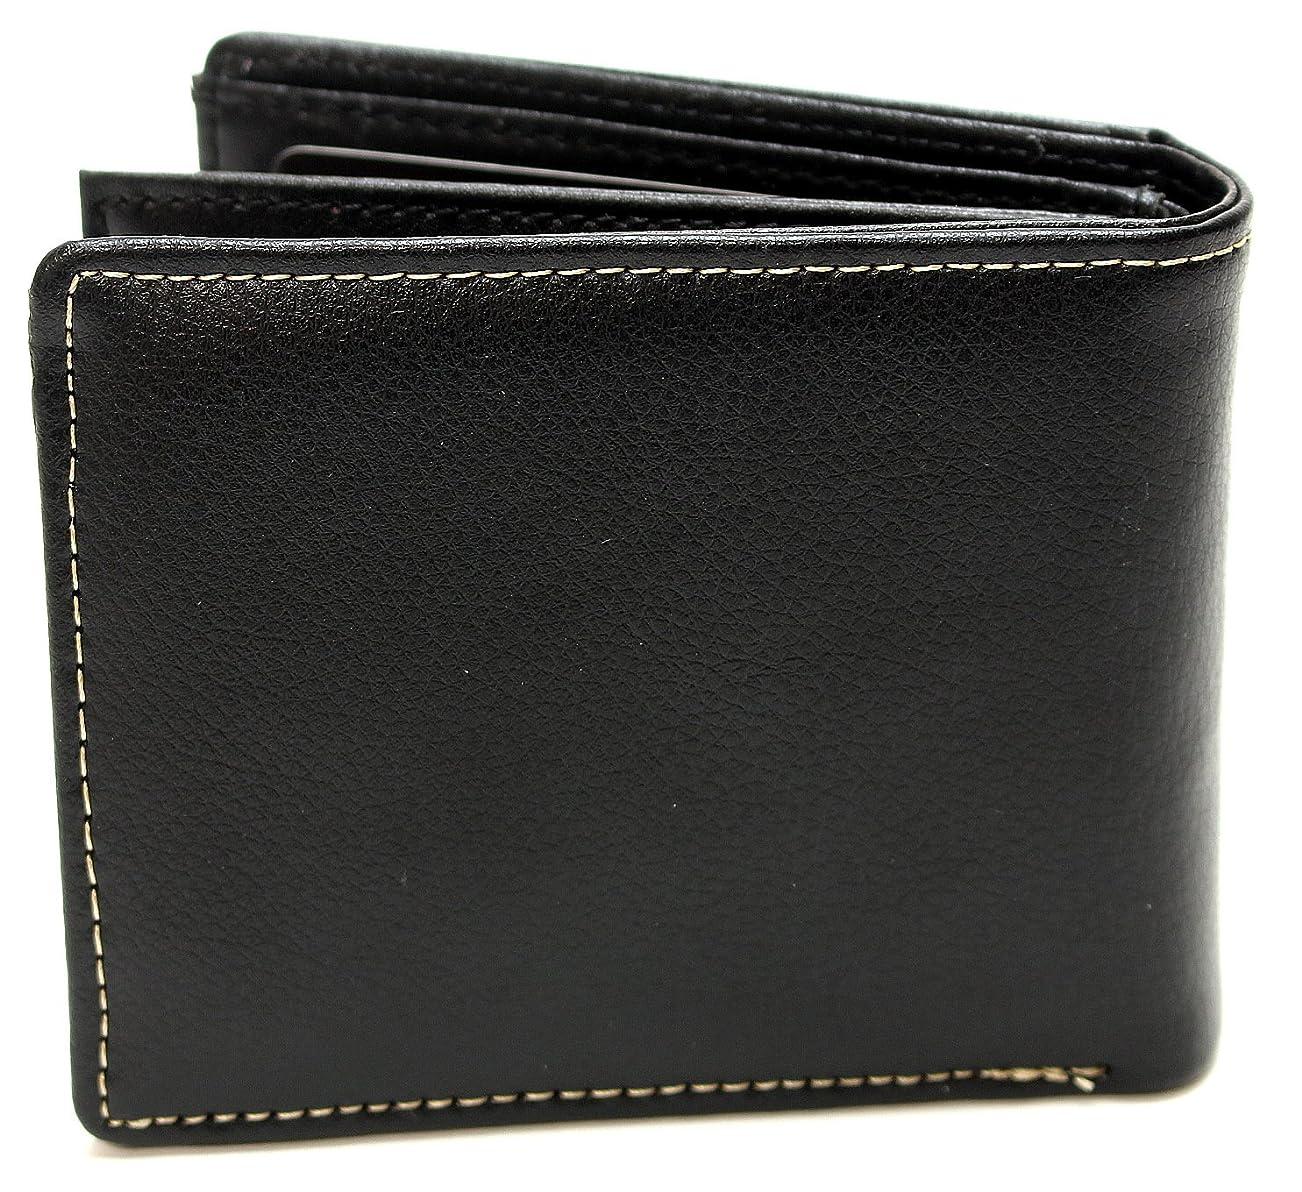 クレーンルーフ見分ける[メンズ カンパニー] ステッチライン 牛革 ベラ付き 二つ折り財布 2 」 あると嬉しいカードホルダー付き 二つ折り財布 カード入れ 牛革 財布 札入れ